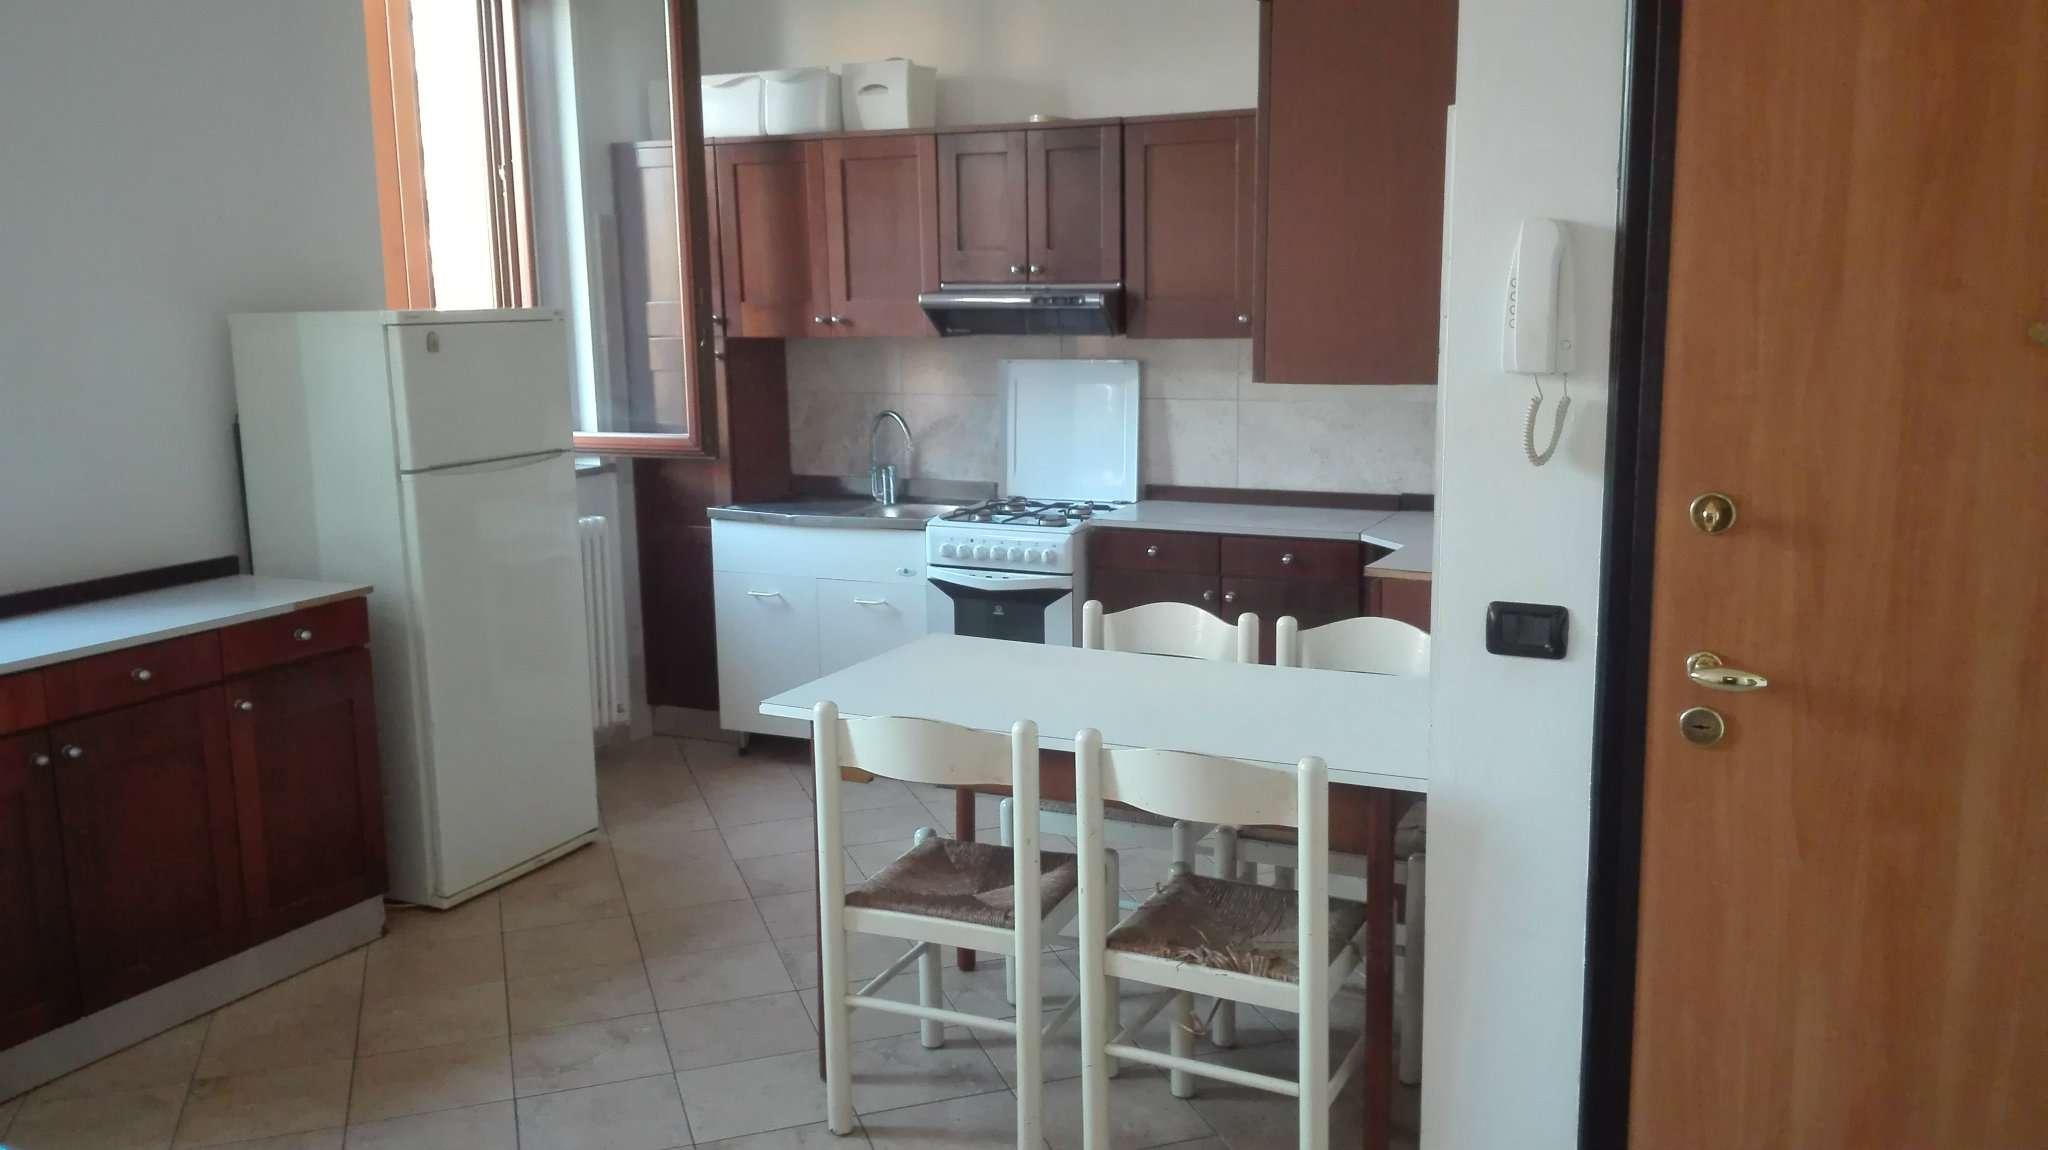 Appartamento in affitto a Ripalta Cremasca, 2 locali, prezzo € 330 | Cambio Casa.it